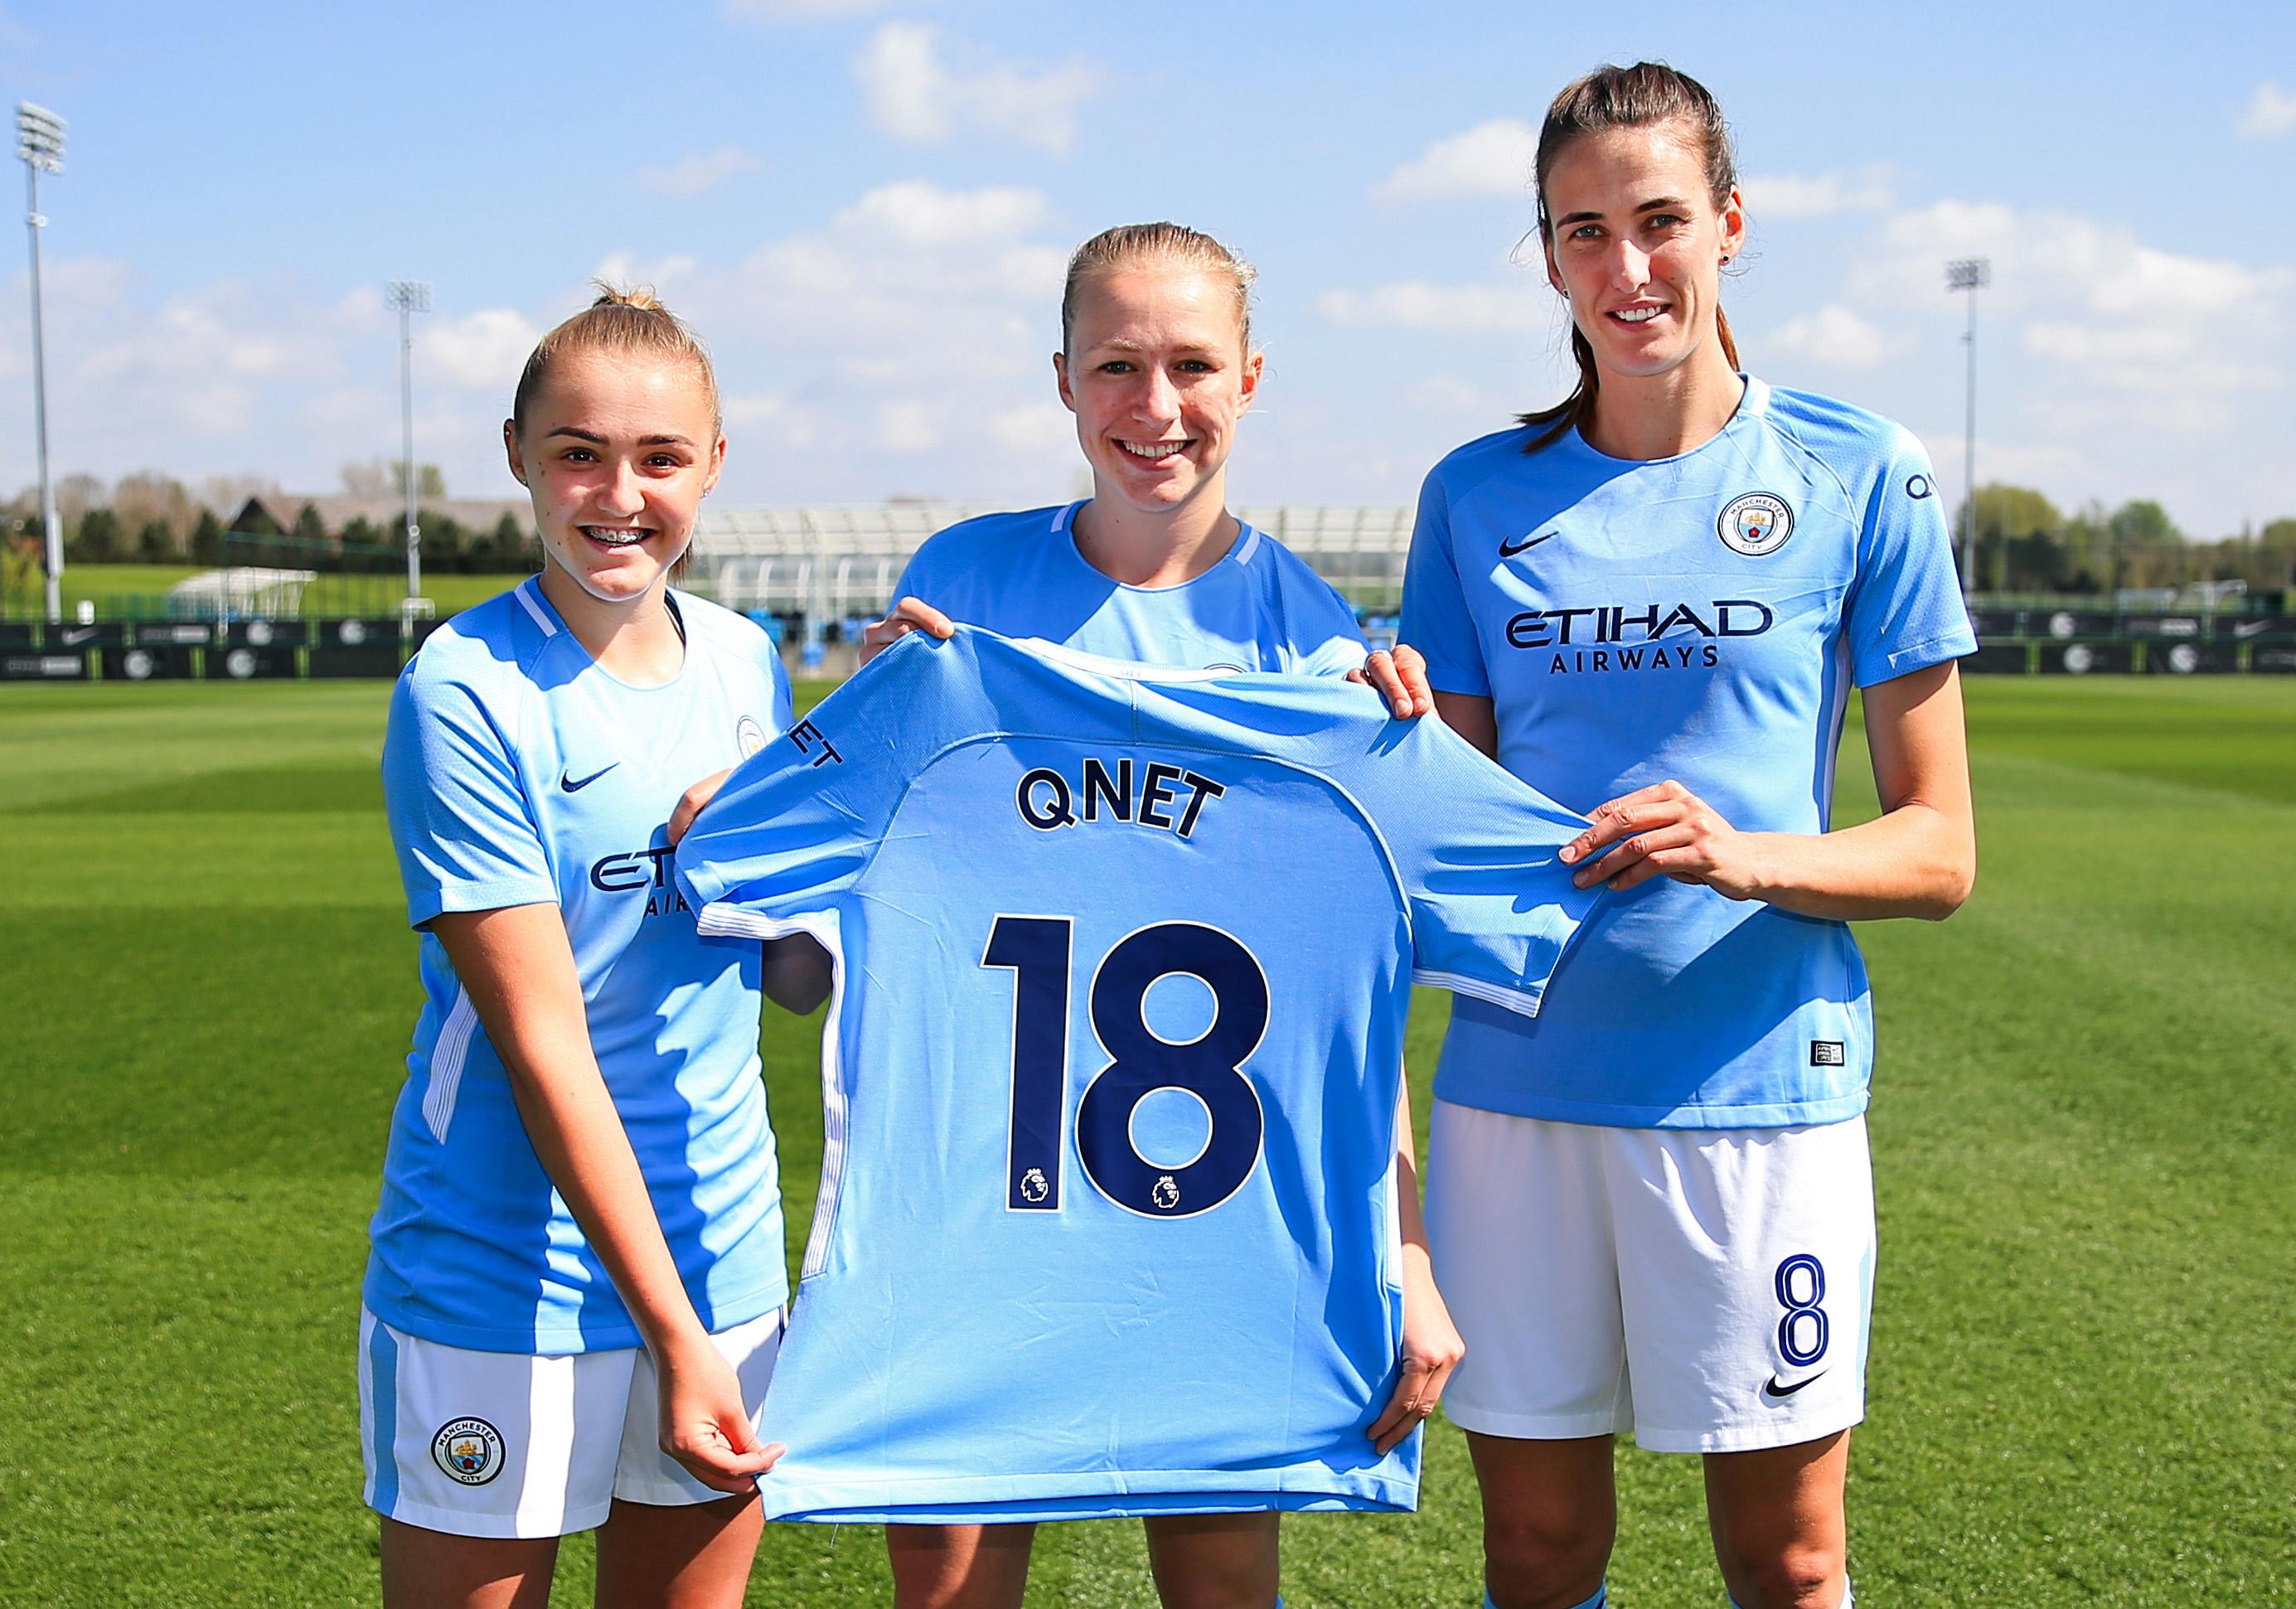 QNET Türkiye, Manchester City Kadın Futbol Takımı'na Sponsor Oldu